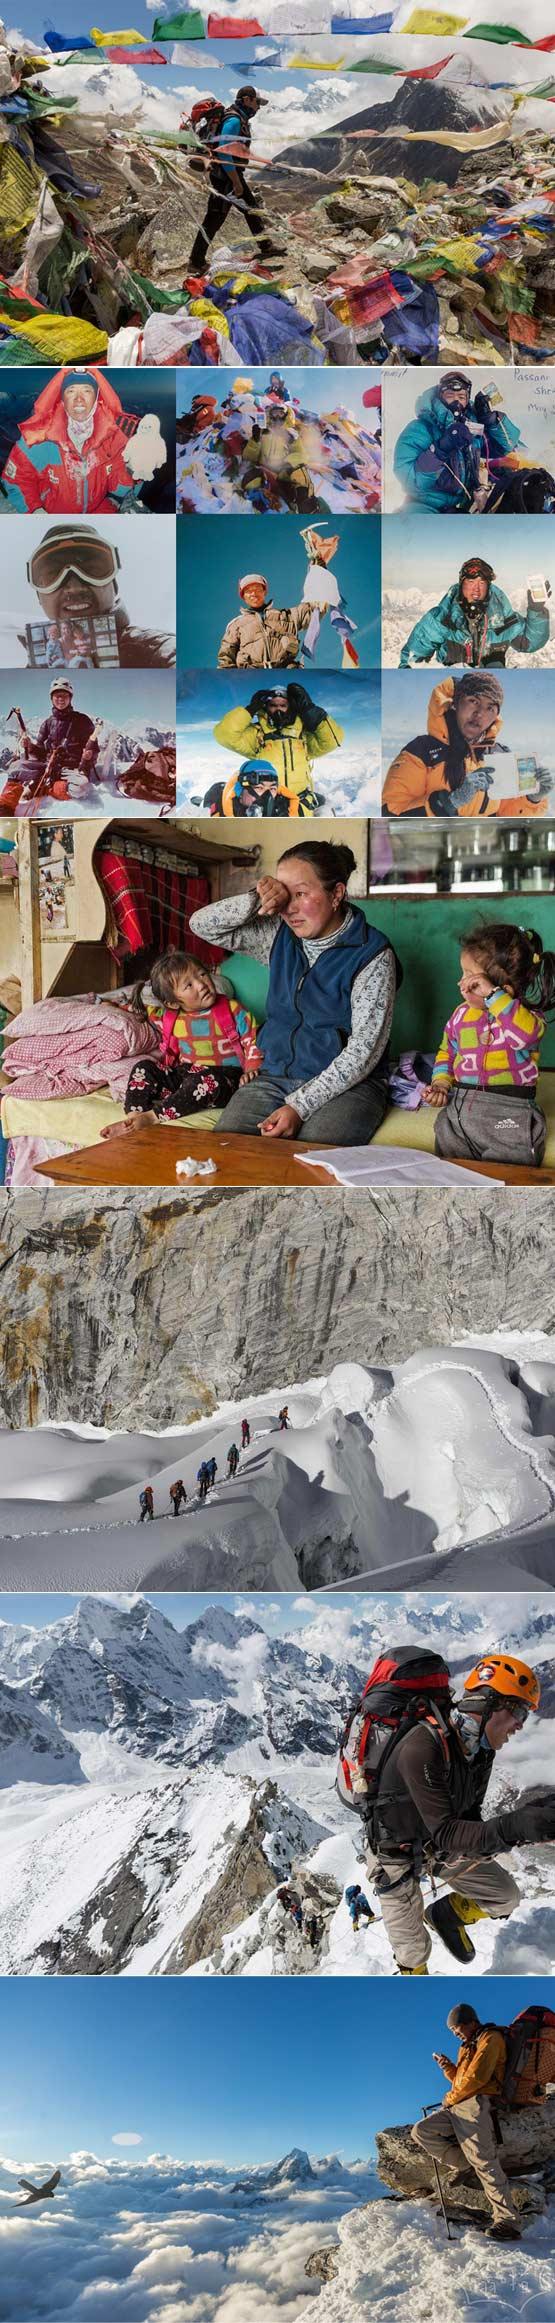 夏尔巴人:看不见的珠穆朗玛峰的人